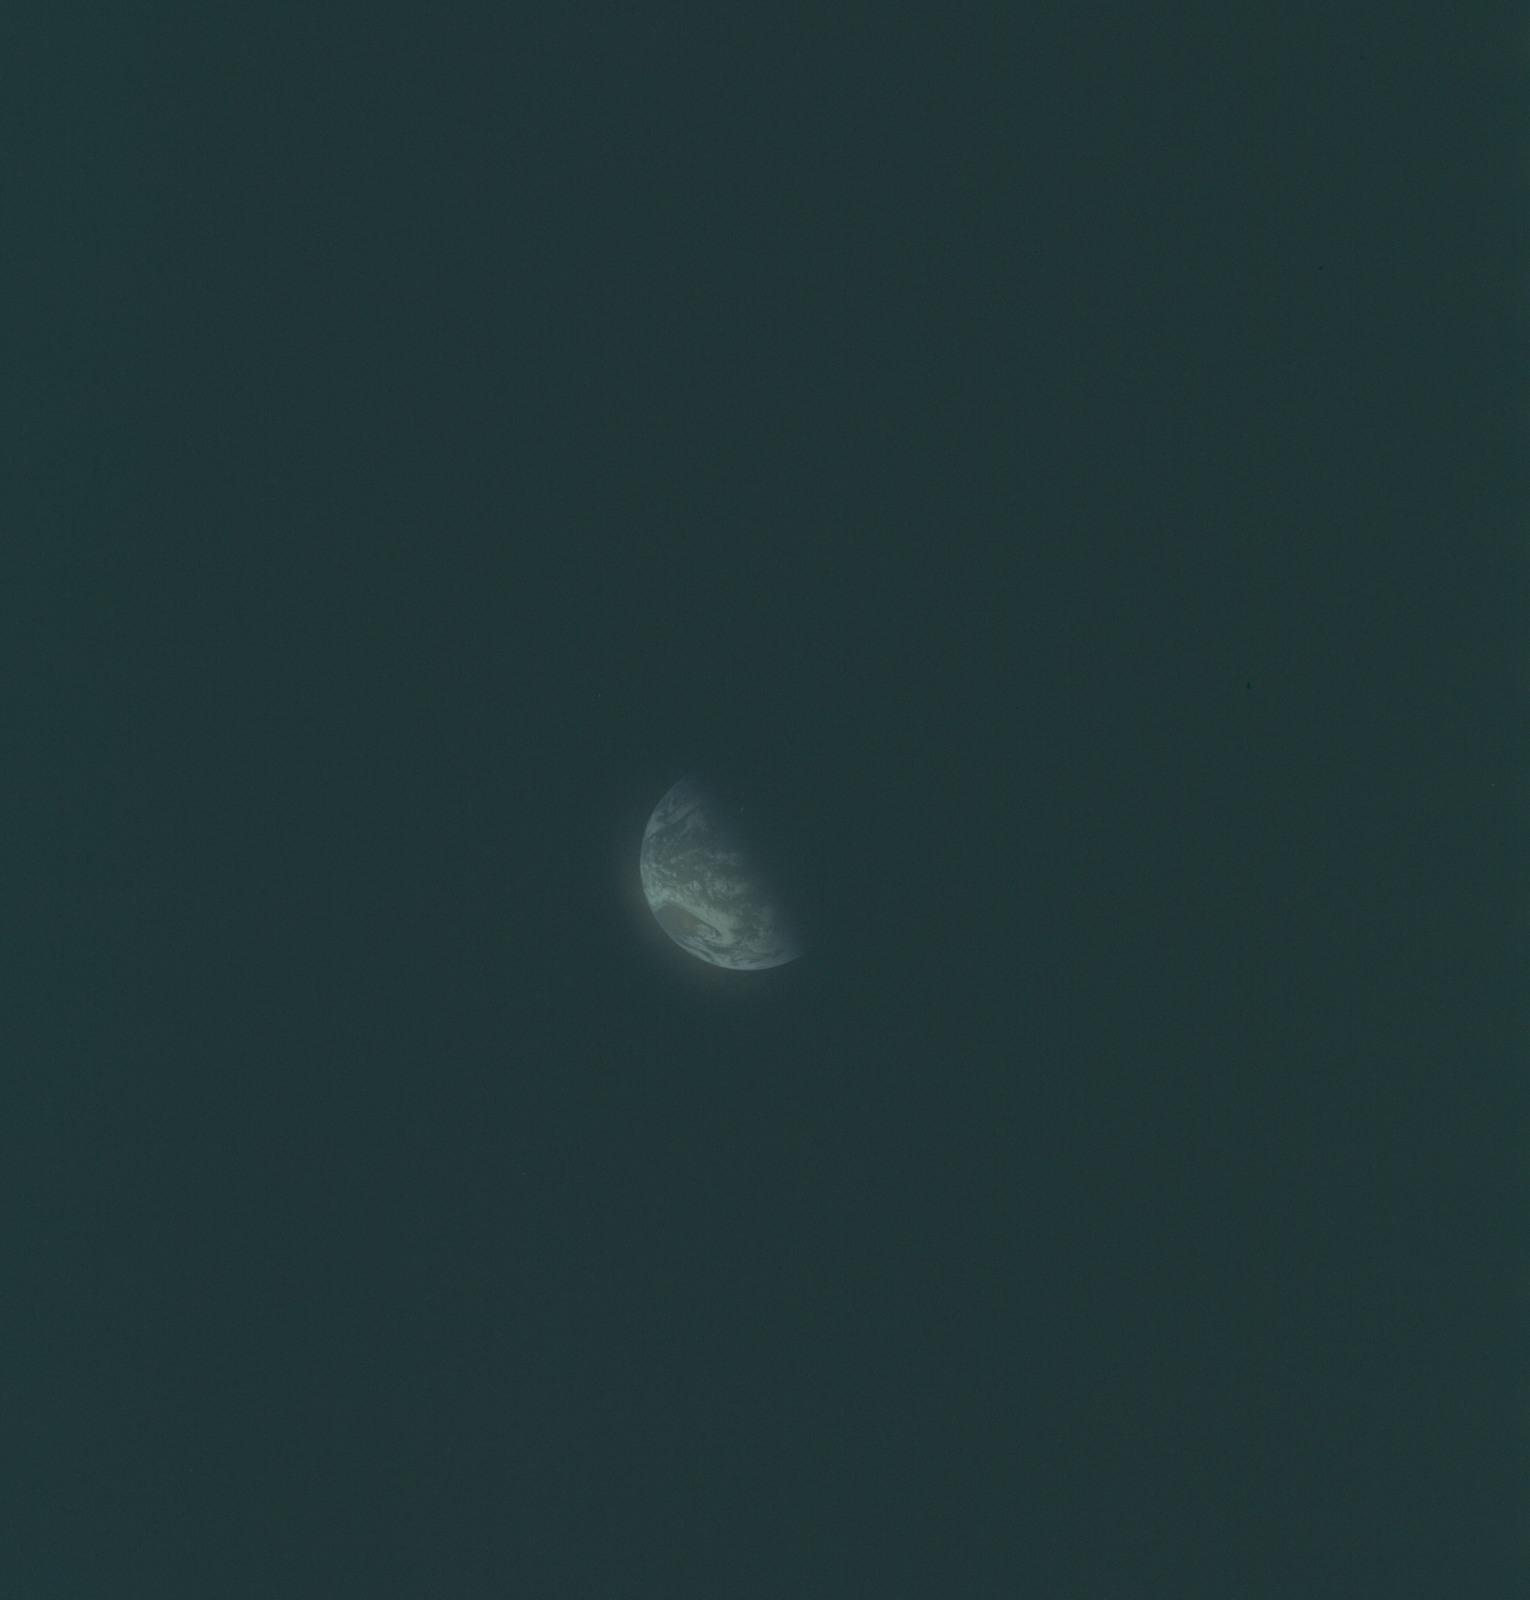 AS08-16-2644 - Apollo 8